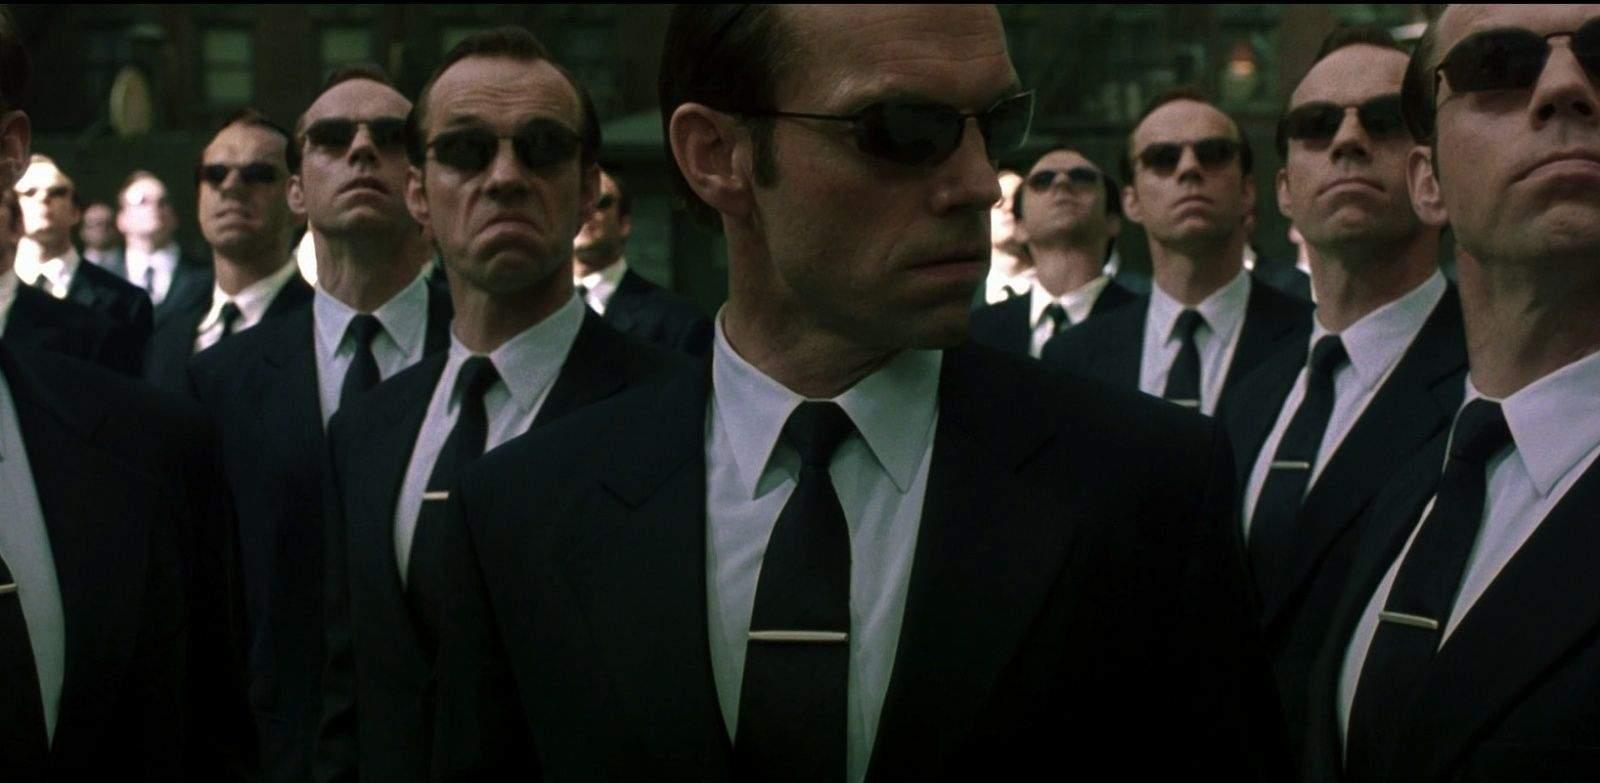 Picture: The Matrix Revolutions